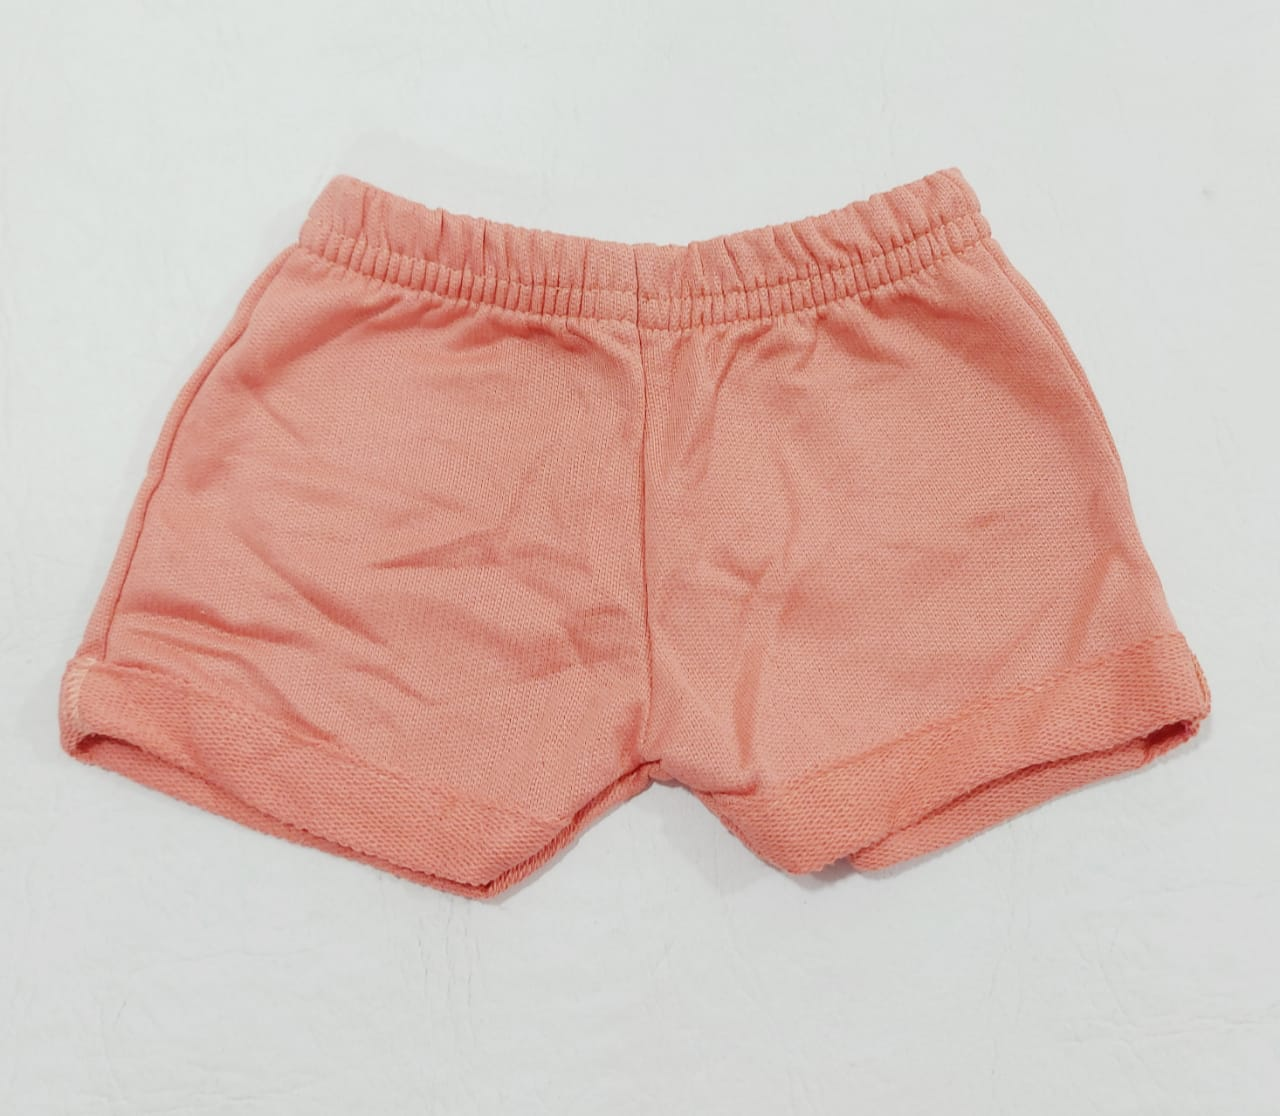 Conjunto Verão Dog - Camisa Meia Manga E Shorts - 02 Peças - 1 à 2 anos - Fashion Kids